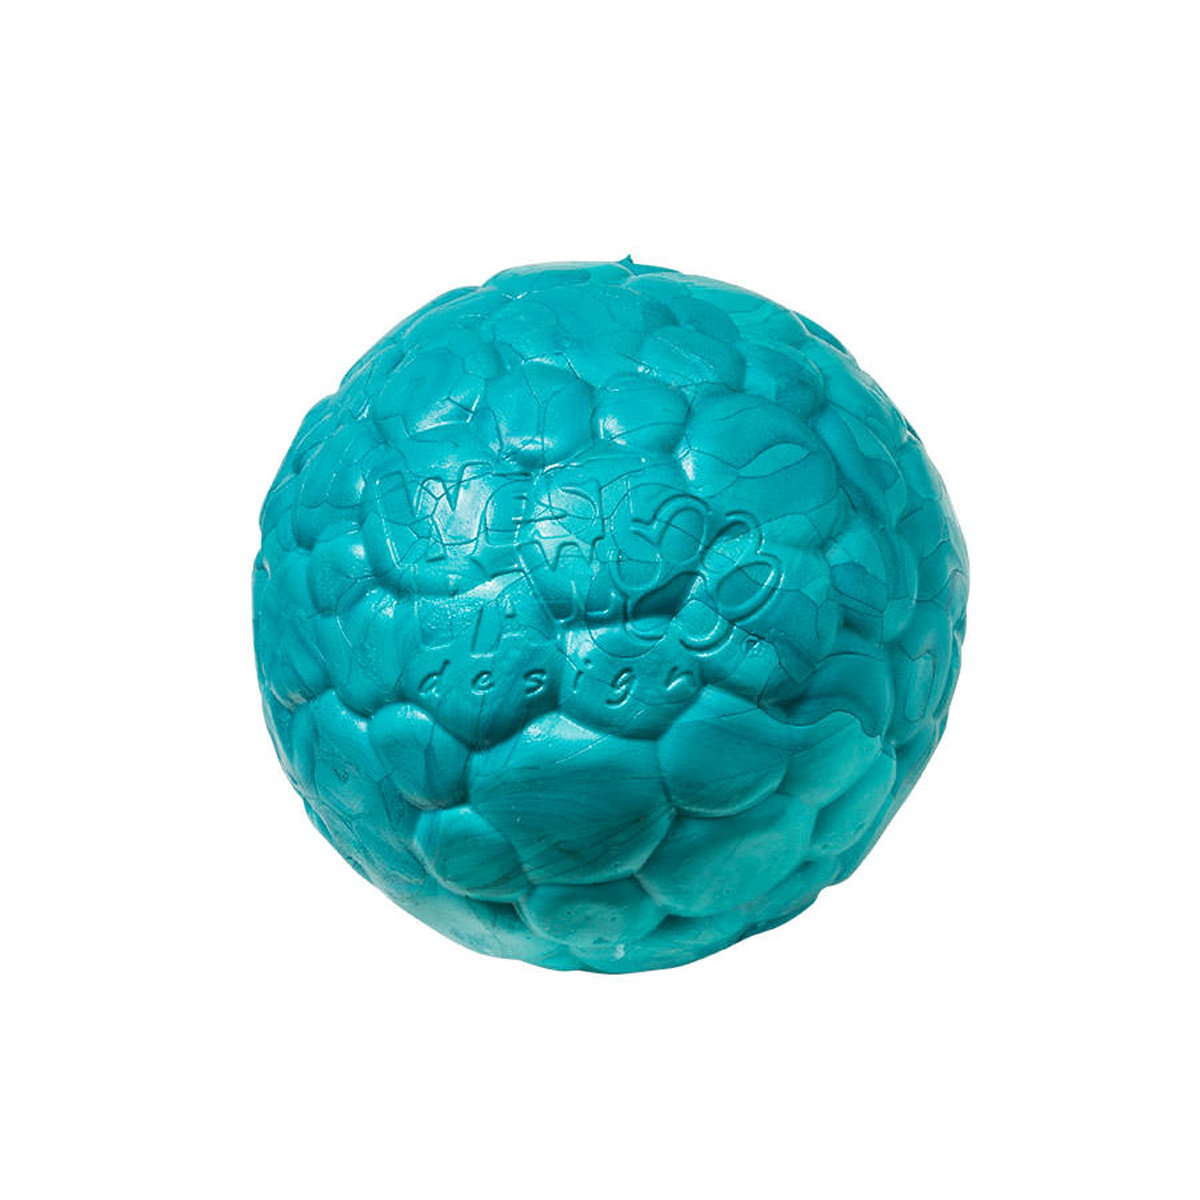 Zogoflex Air Boz Ball Dog Toy - Peacock